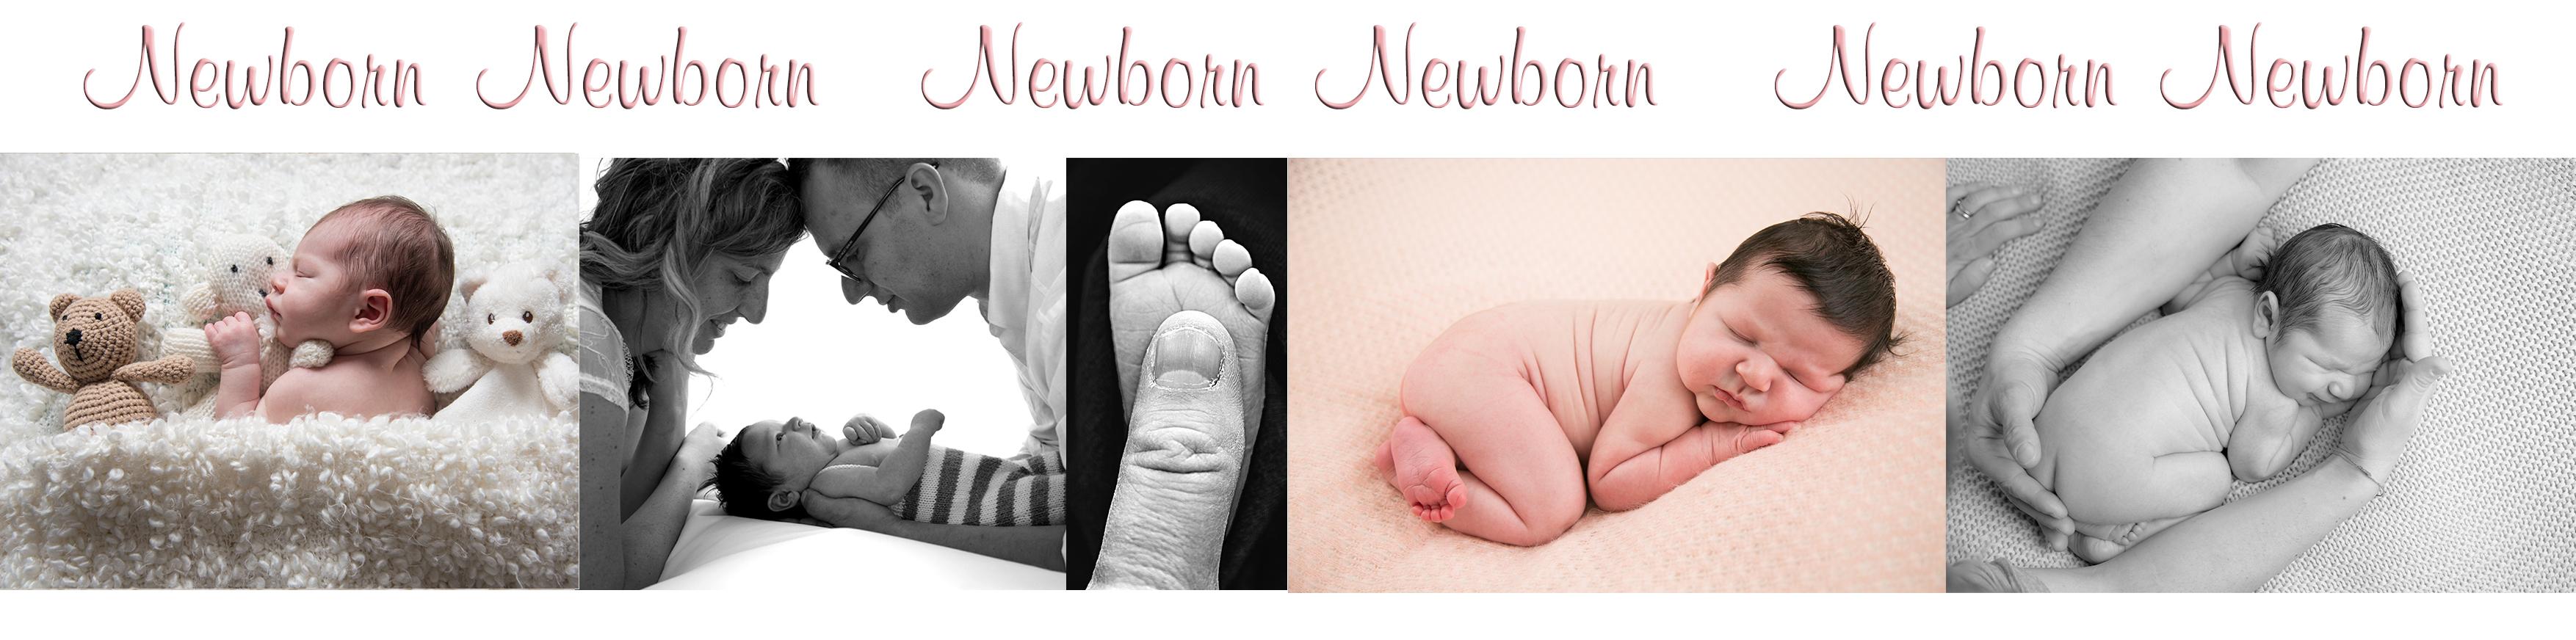 servizio fotografico neonato newborn cossato (BIELLA)